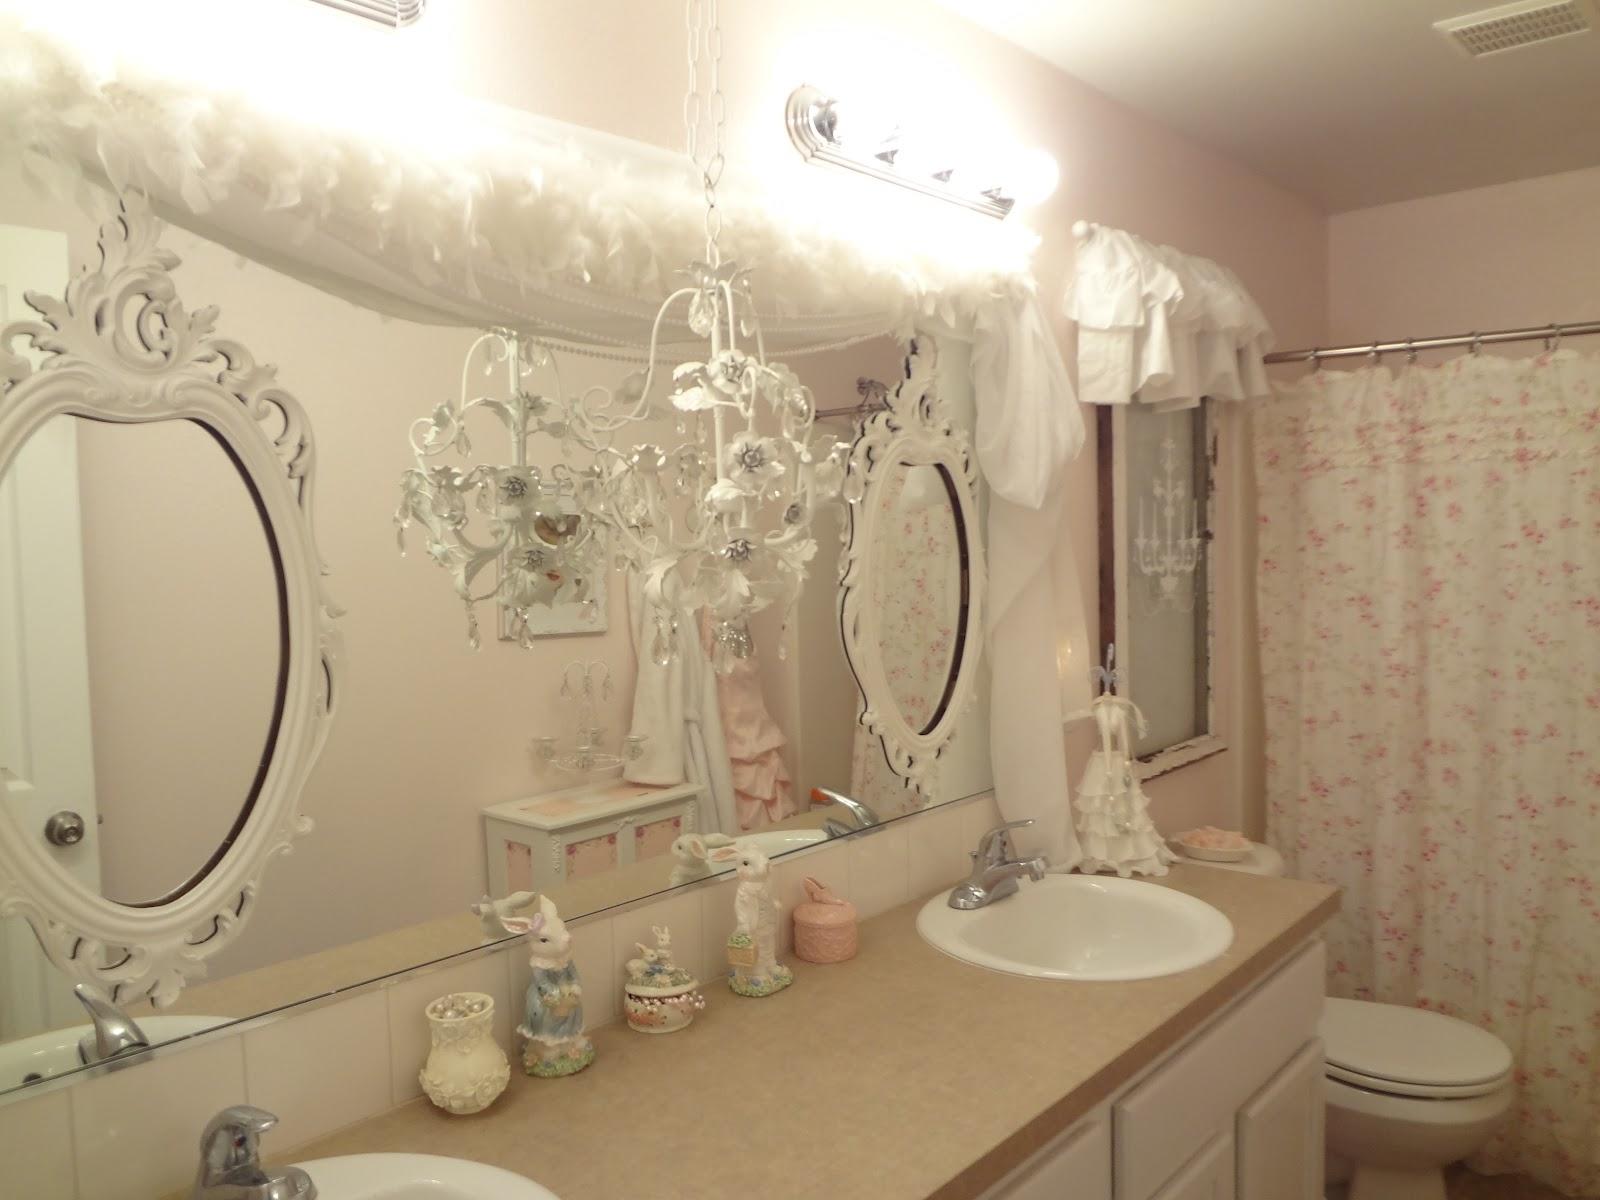 Elegant Shab Chic Bathroom Mirrors 17 With Shab Chic Bathroom Regarding Shabby Chic Bathroom Mirrors (Image 4 of 15)